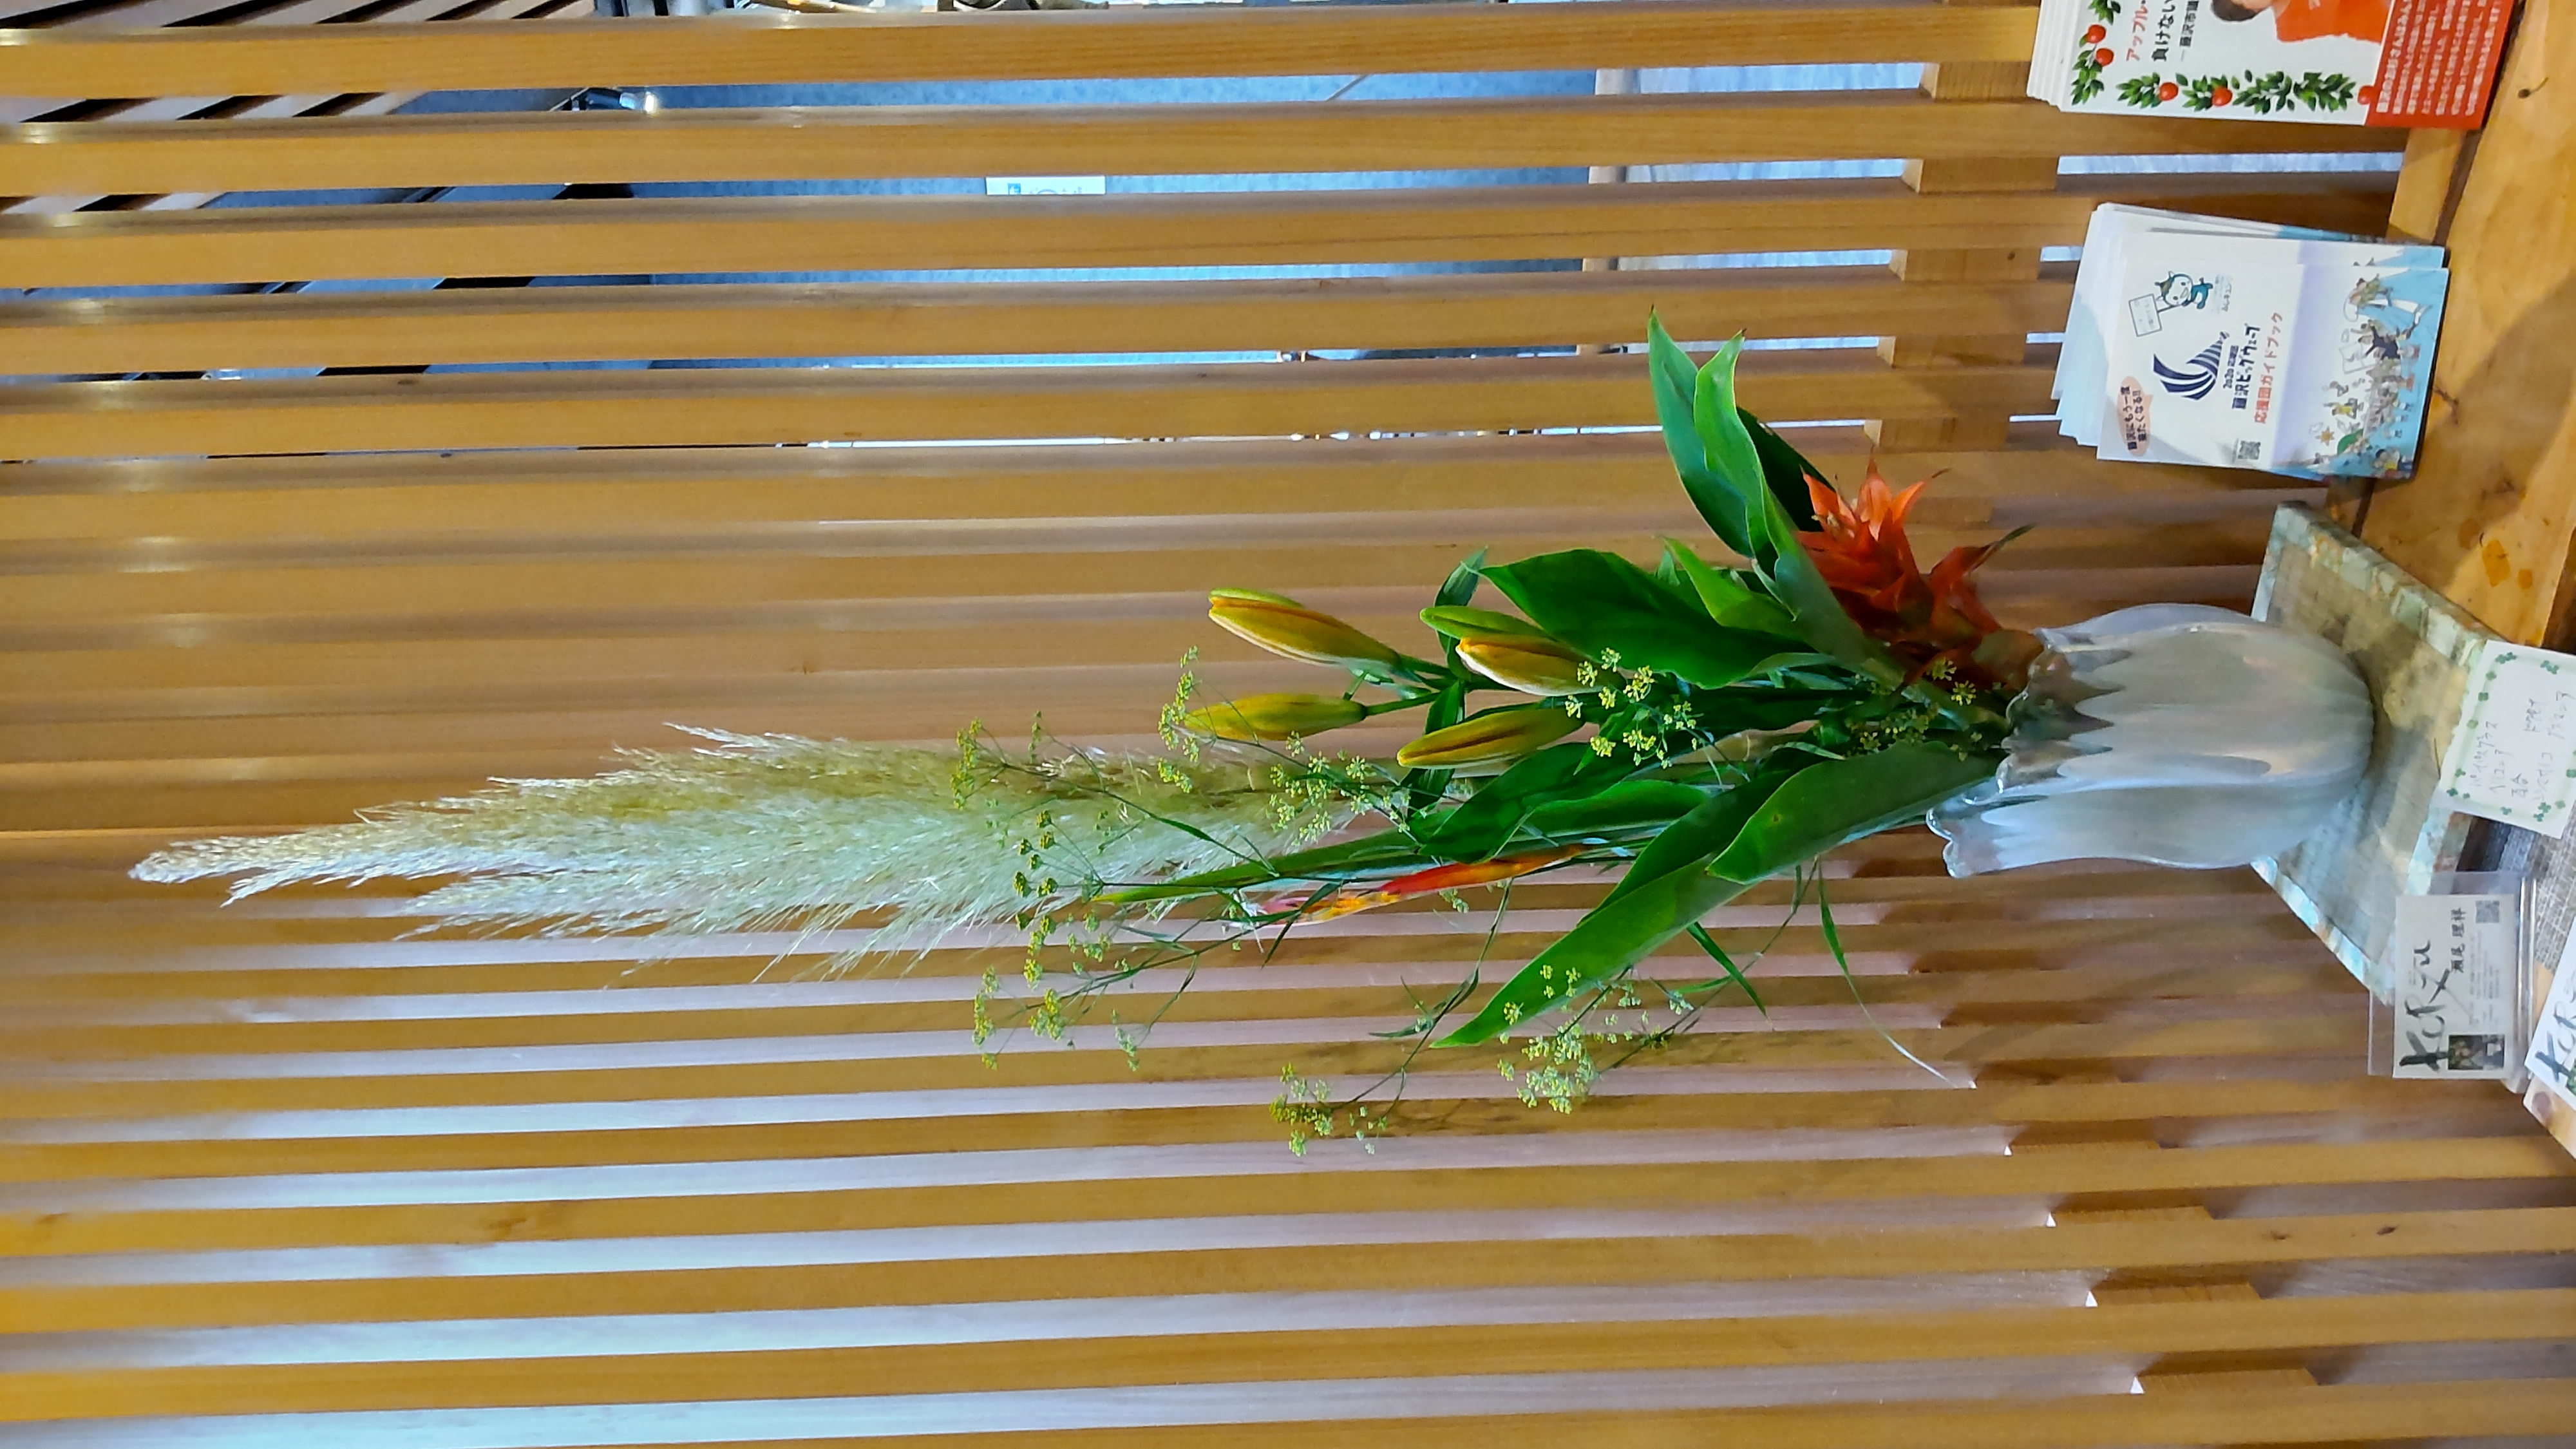 甚伍朗様に飾ったお花